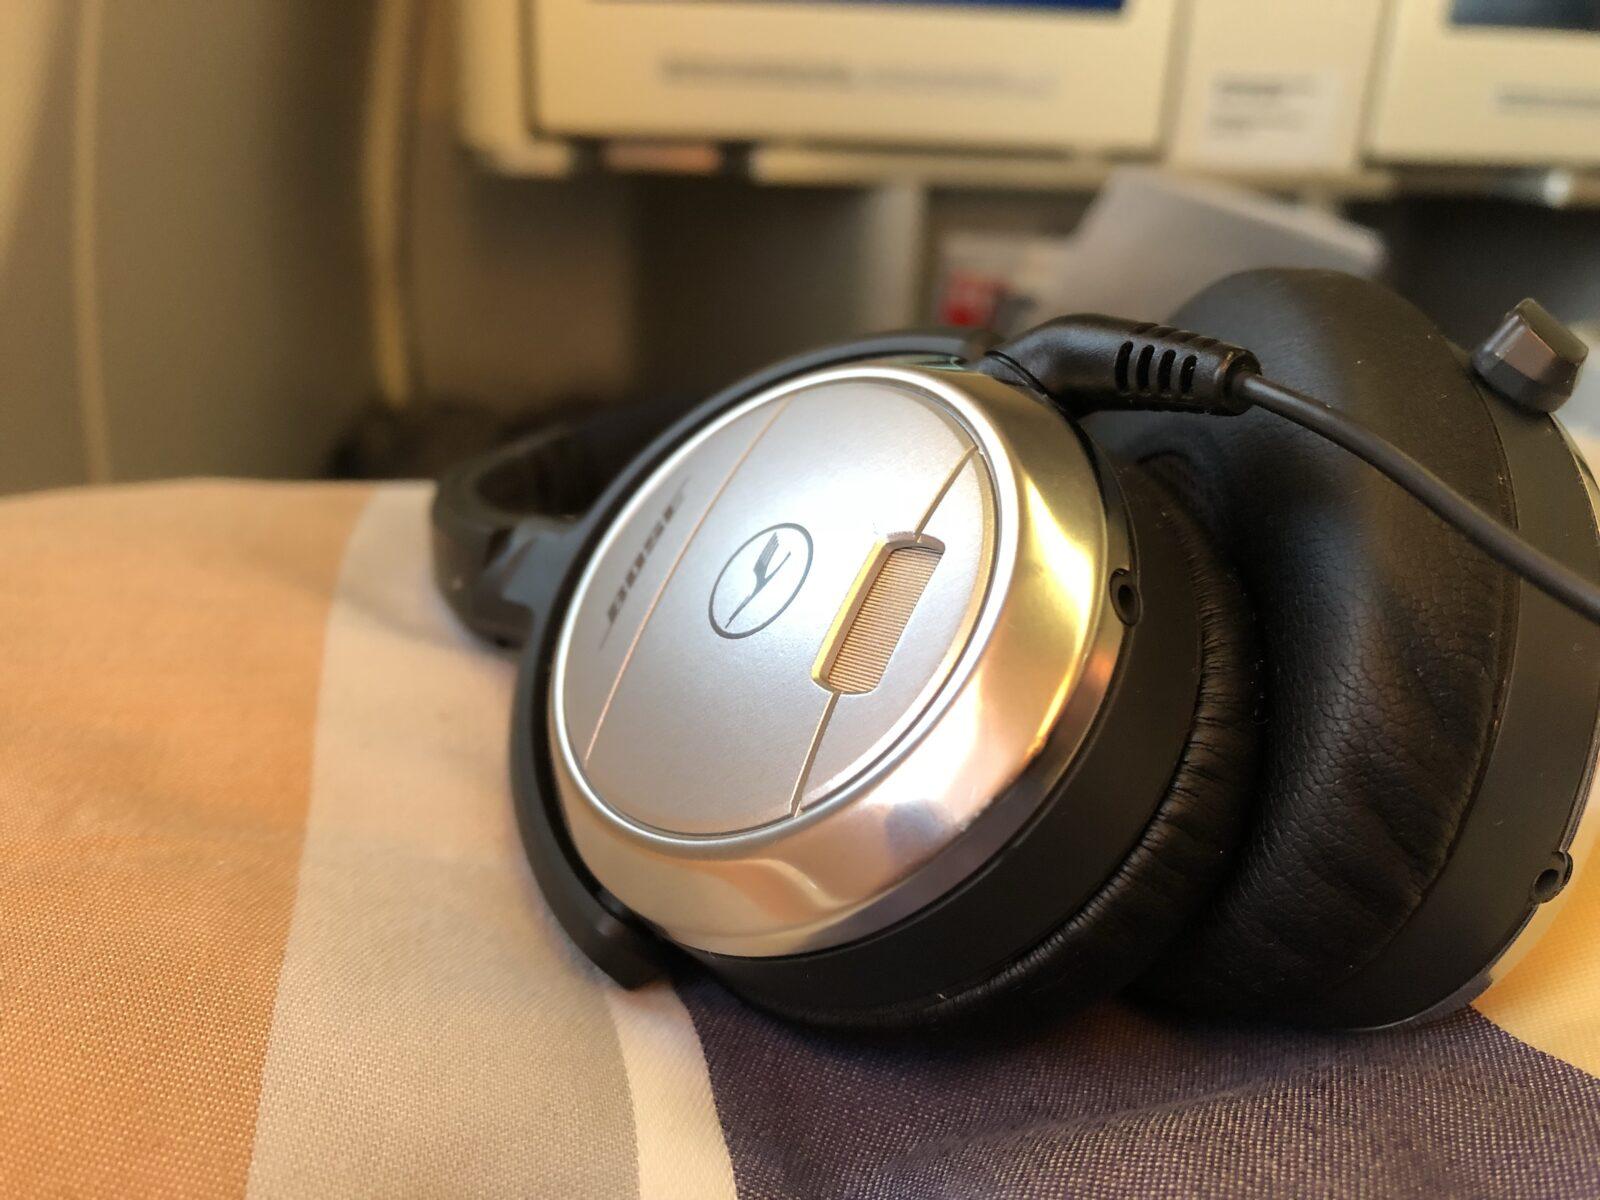 Bose Noise Canceling Kopfhörer der Lufthansa Business Class